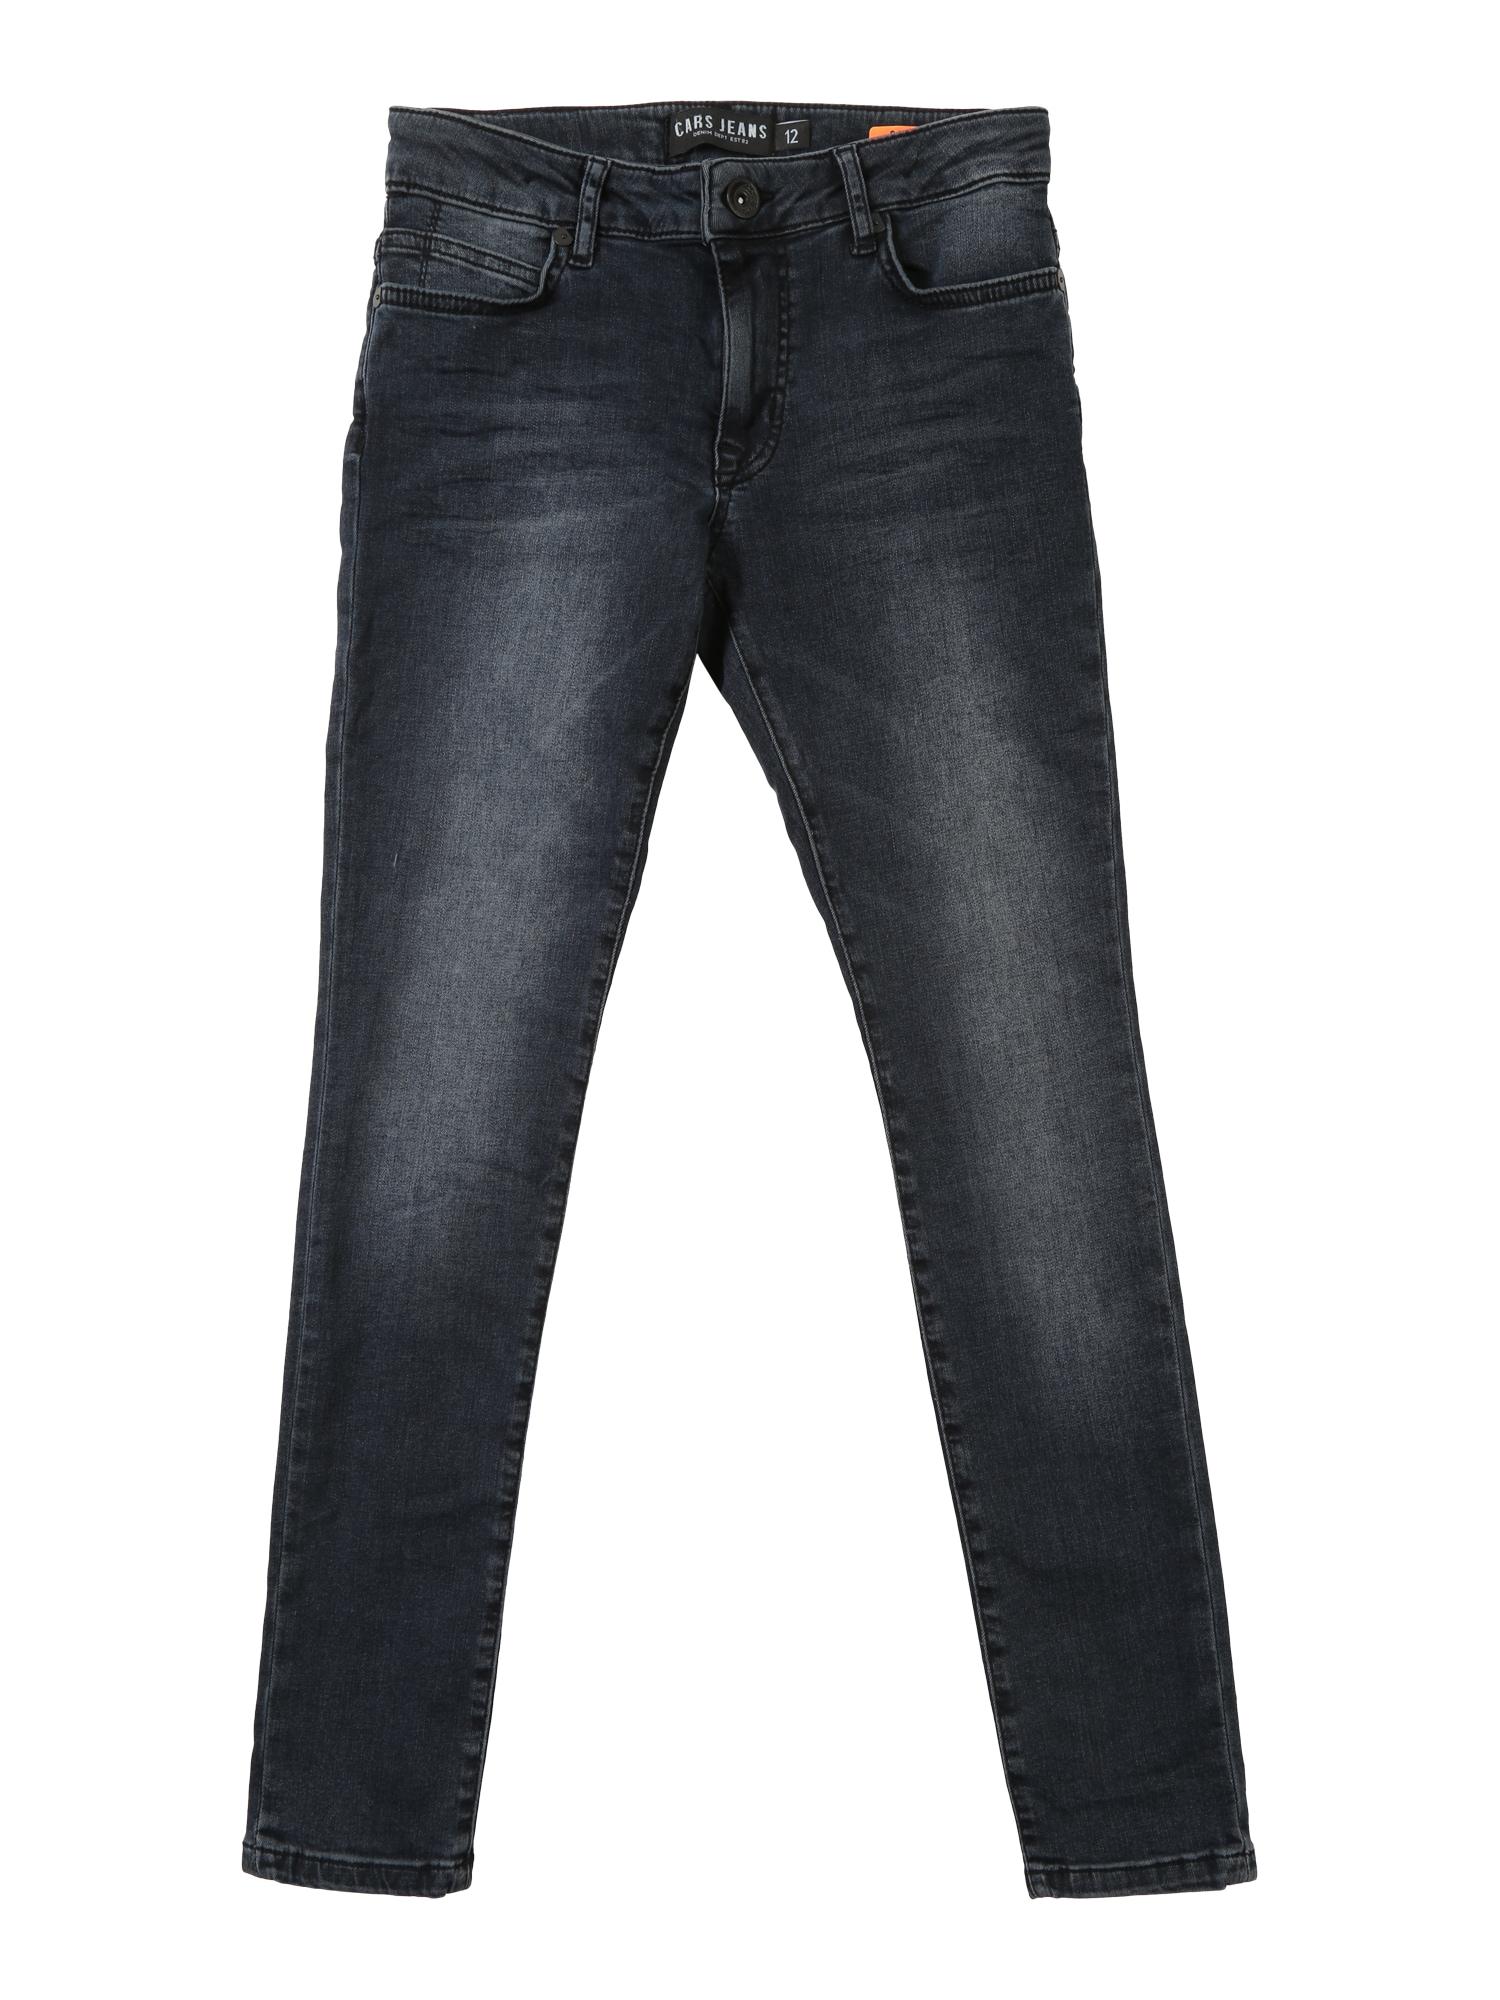 Džíny KIDS TRUST DENIM černá Cars Jeans